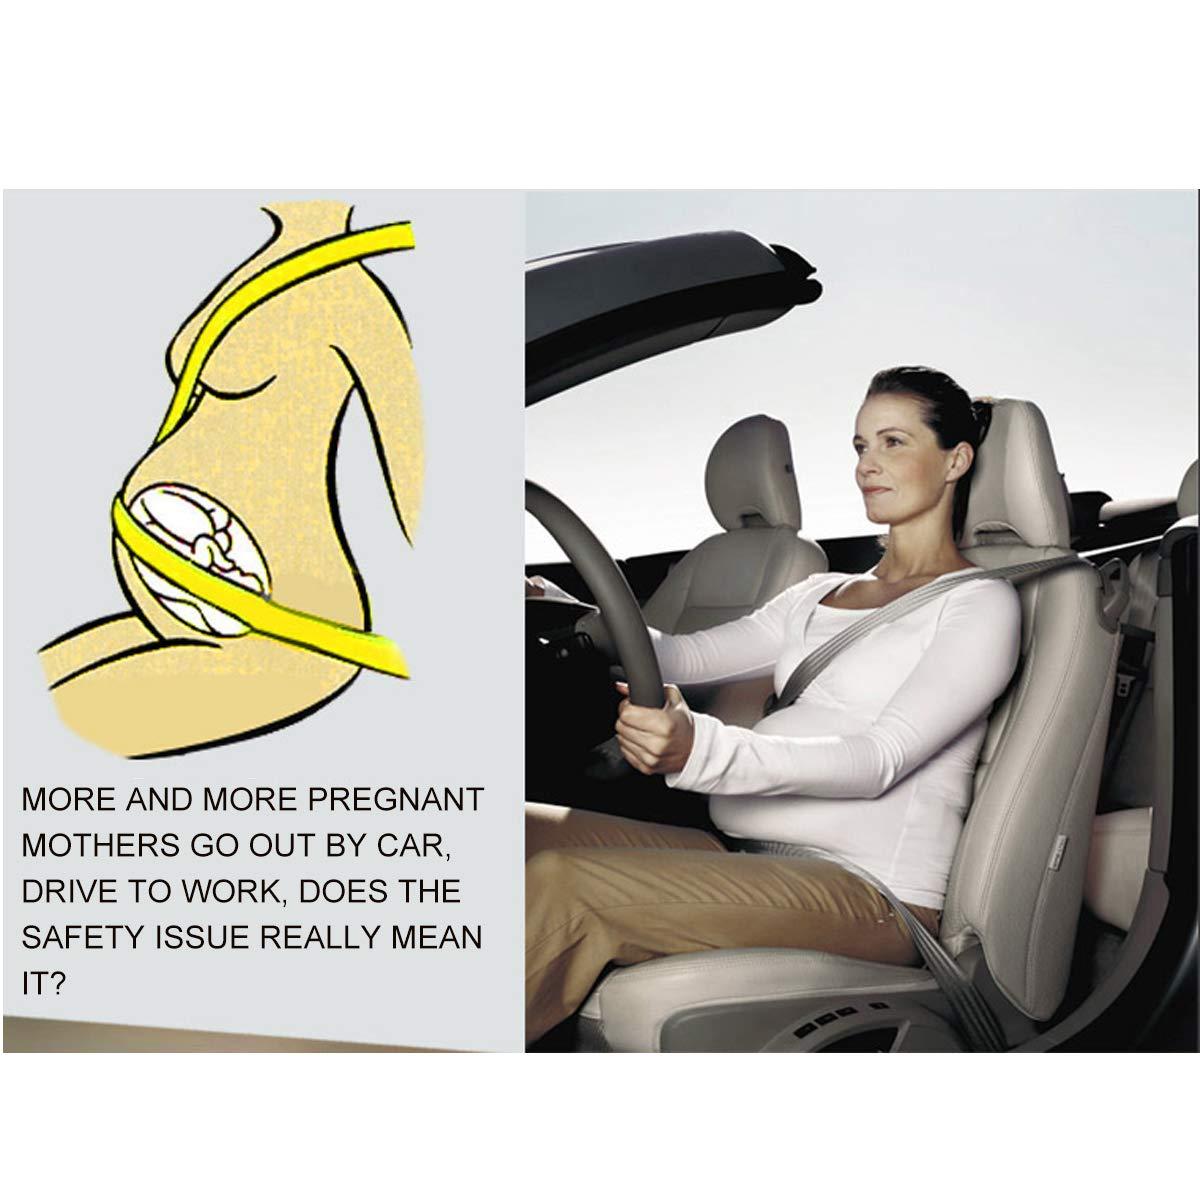 MEIMEI Bump Belt Schwangerschafts-Sicherheitsgurt f/ür Schwangerschaft Autositzgurt Bauch und sch/ützen ungeborenes Baby. verstellbar f/ür Schwangere M/ütter